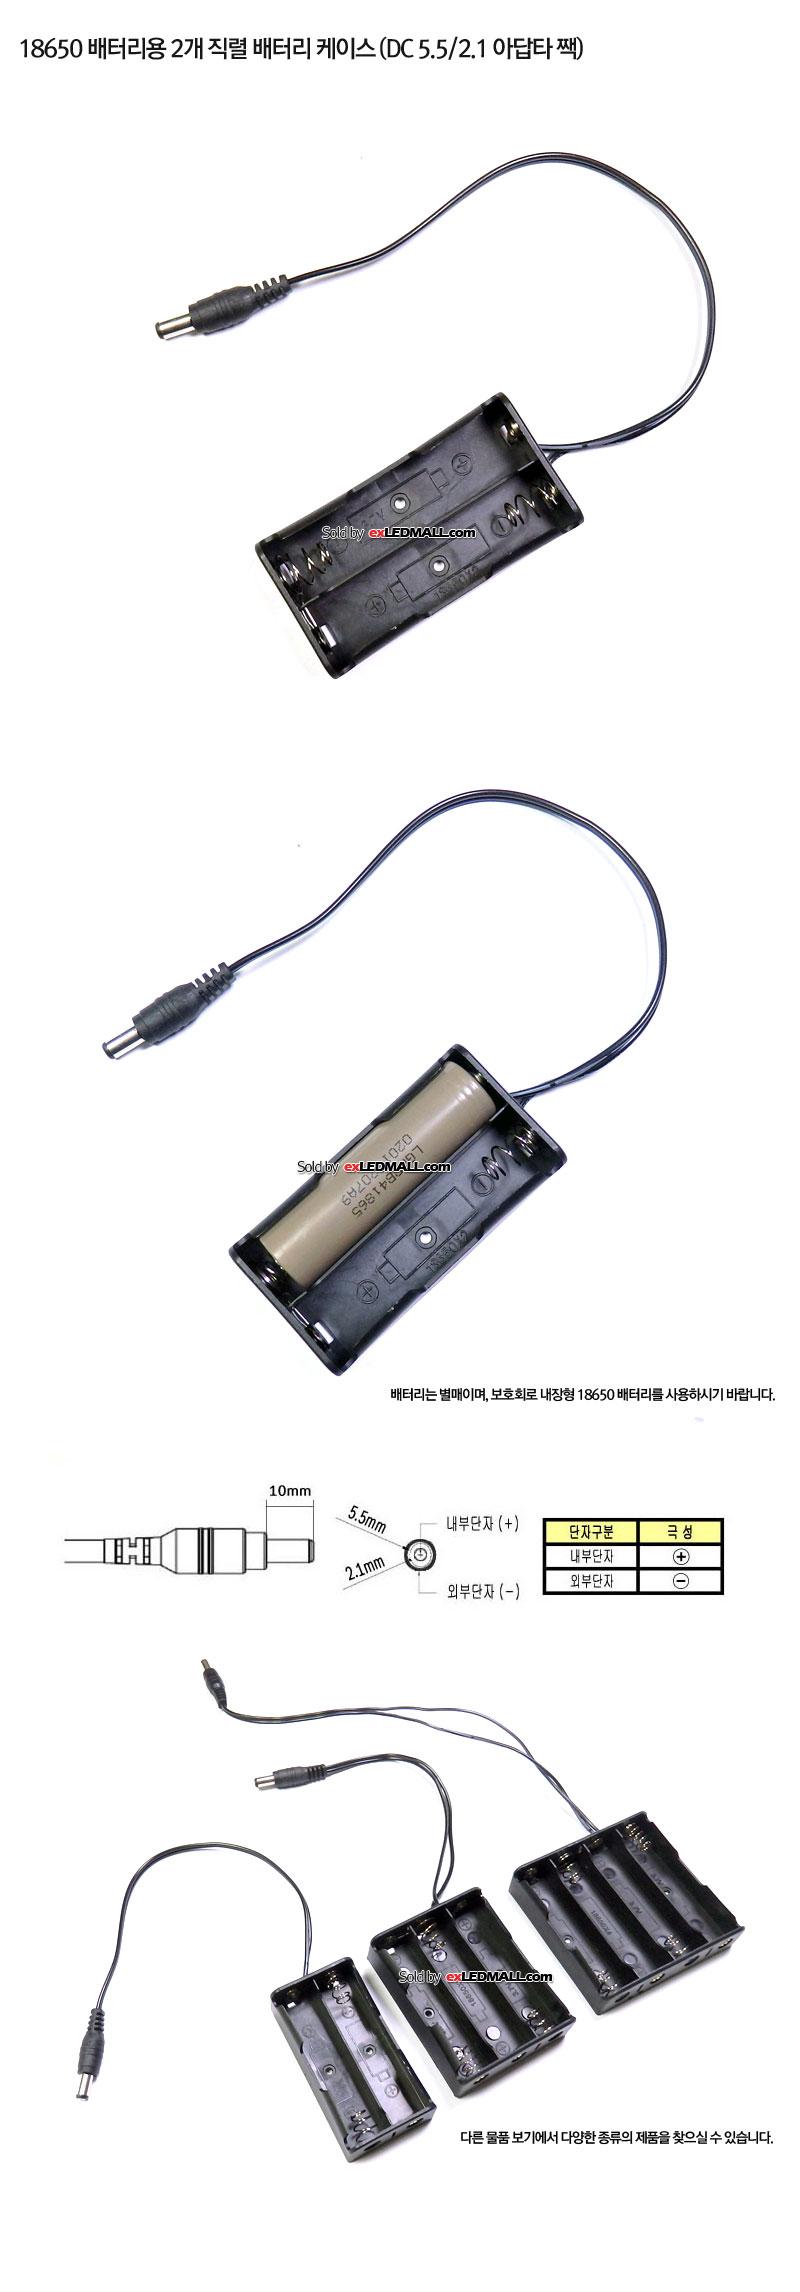 18650 2구 직렬 배터리 홀더 (DC 5.5 아답타 짹)